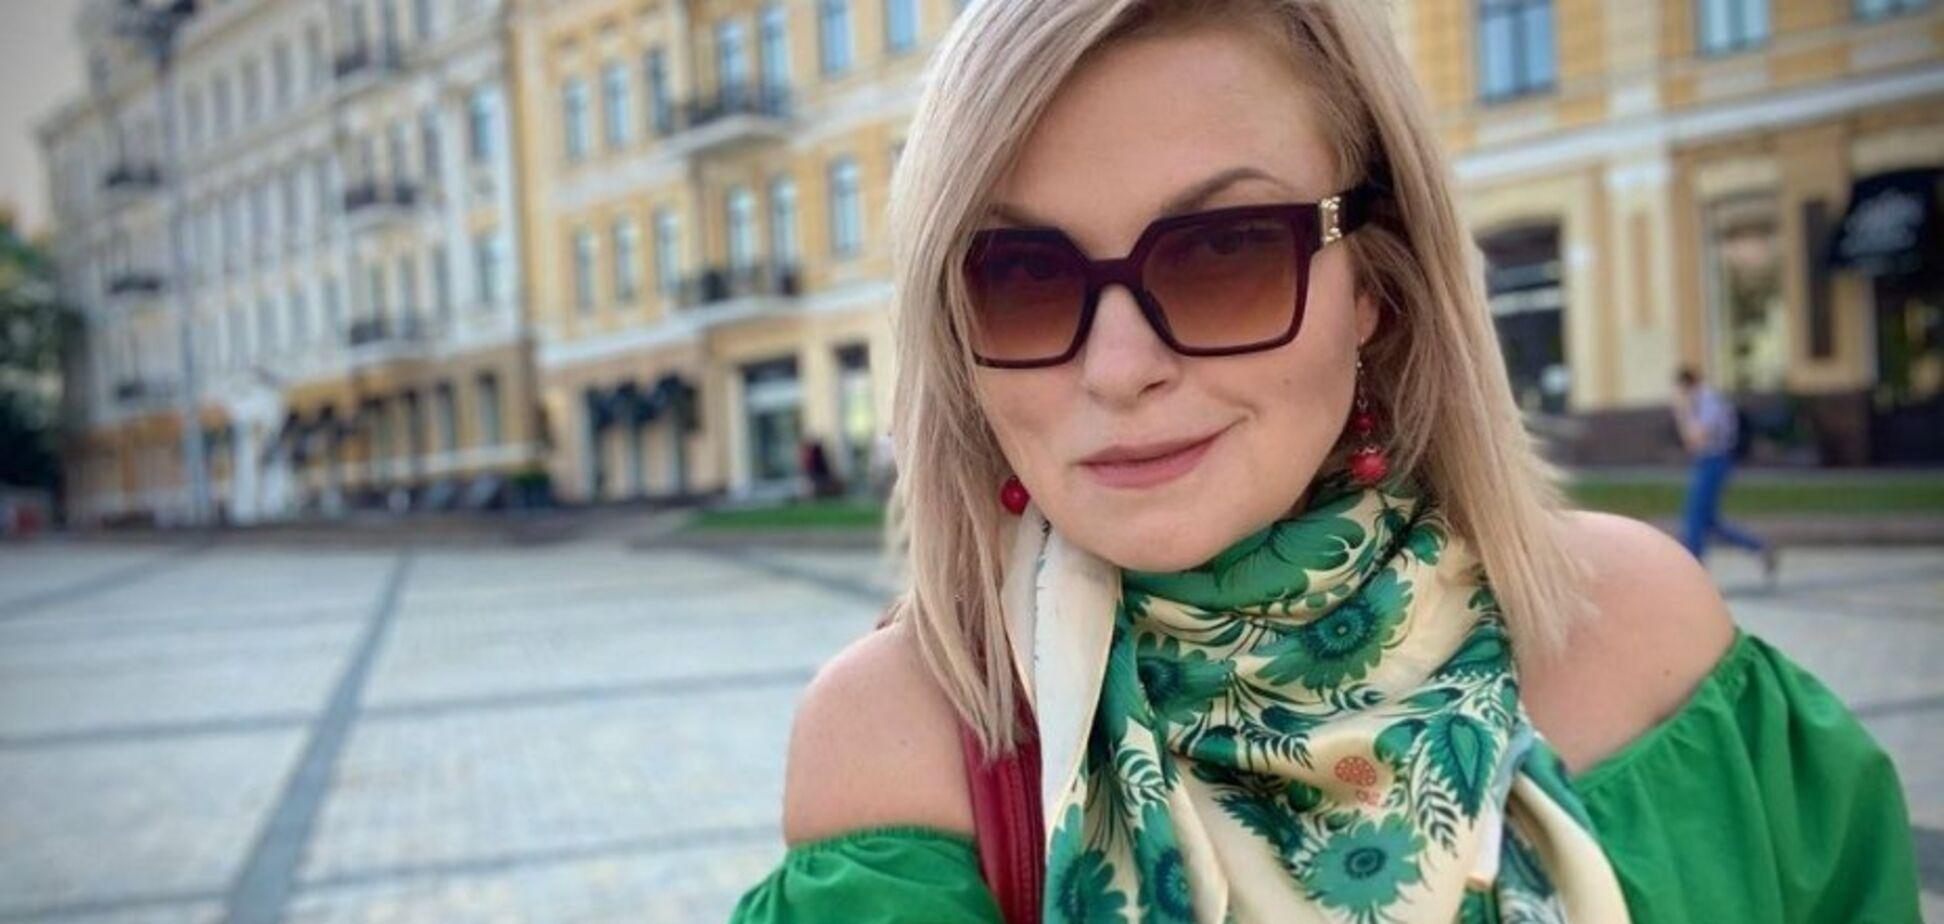 Мария Бурмака – об украинских звездах в России: бессовестно ездить туда